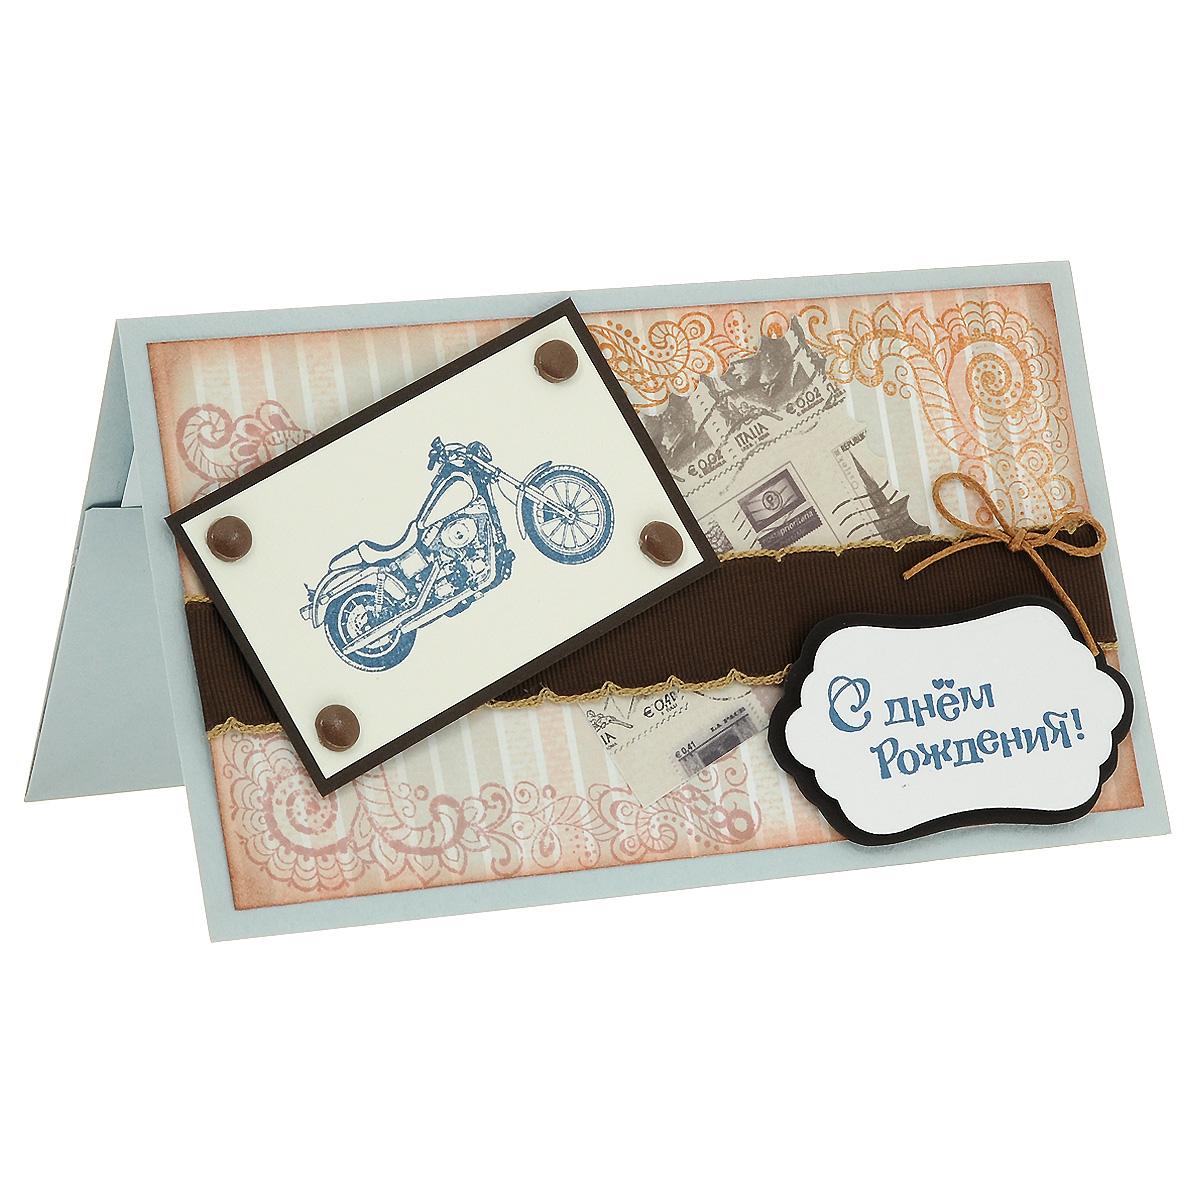 ОМ-0004 Открытка-конверт «С Днём Рождения!» (байк в коричневых тонах). Студия «Тётя Роза»798556Характеристики: Размер 19 см x 11 см.Материал: Высоко-художественный картон, бумага, декор. Данная открытка может стать как прекрасным дополнением к вашему подарку, так и самостоятельным подарком. Так как открытка является и конвертом, в который вы можете вложить ваш денежный подарок или просто написать ваши пожелания на вкладыше. Сдержанная и очень эффектная открытка, подкупающая своей индивидуальной выразительностью, сочетает в себе благородные серо-коричневые тона. Репсовая лента и текст поздравления дополняют образ. Также открытка упакована в пакетик для сохранности.Обращаем Ваше внимание на то, что открытка может незначительно отличаться от представленной на фото.Открытки ручной работы от студии Тётя Роза отличаются своим неповторимым и ярким стилем. Каждая уникальна и выполнена вручную мастерами студии. (Открытка для мужчин, открытка для женщины, открытка на день рождения, открытка с днем свадьбы, открытка винтаж, открытка с юбилеем, открытка на все случаи, скрапбукинг)